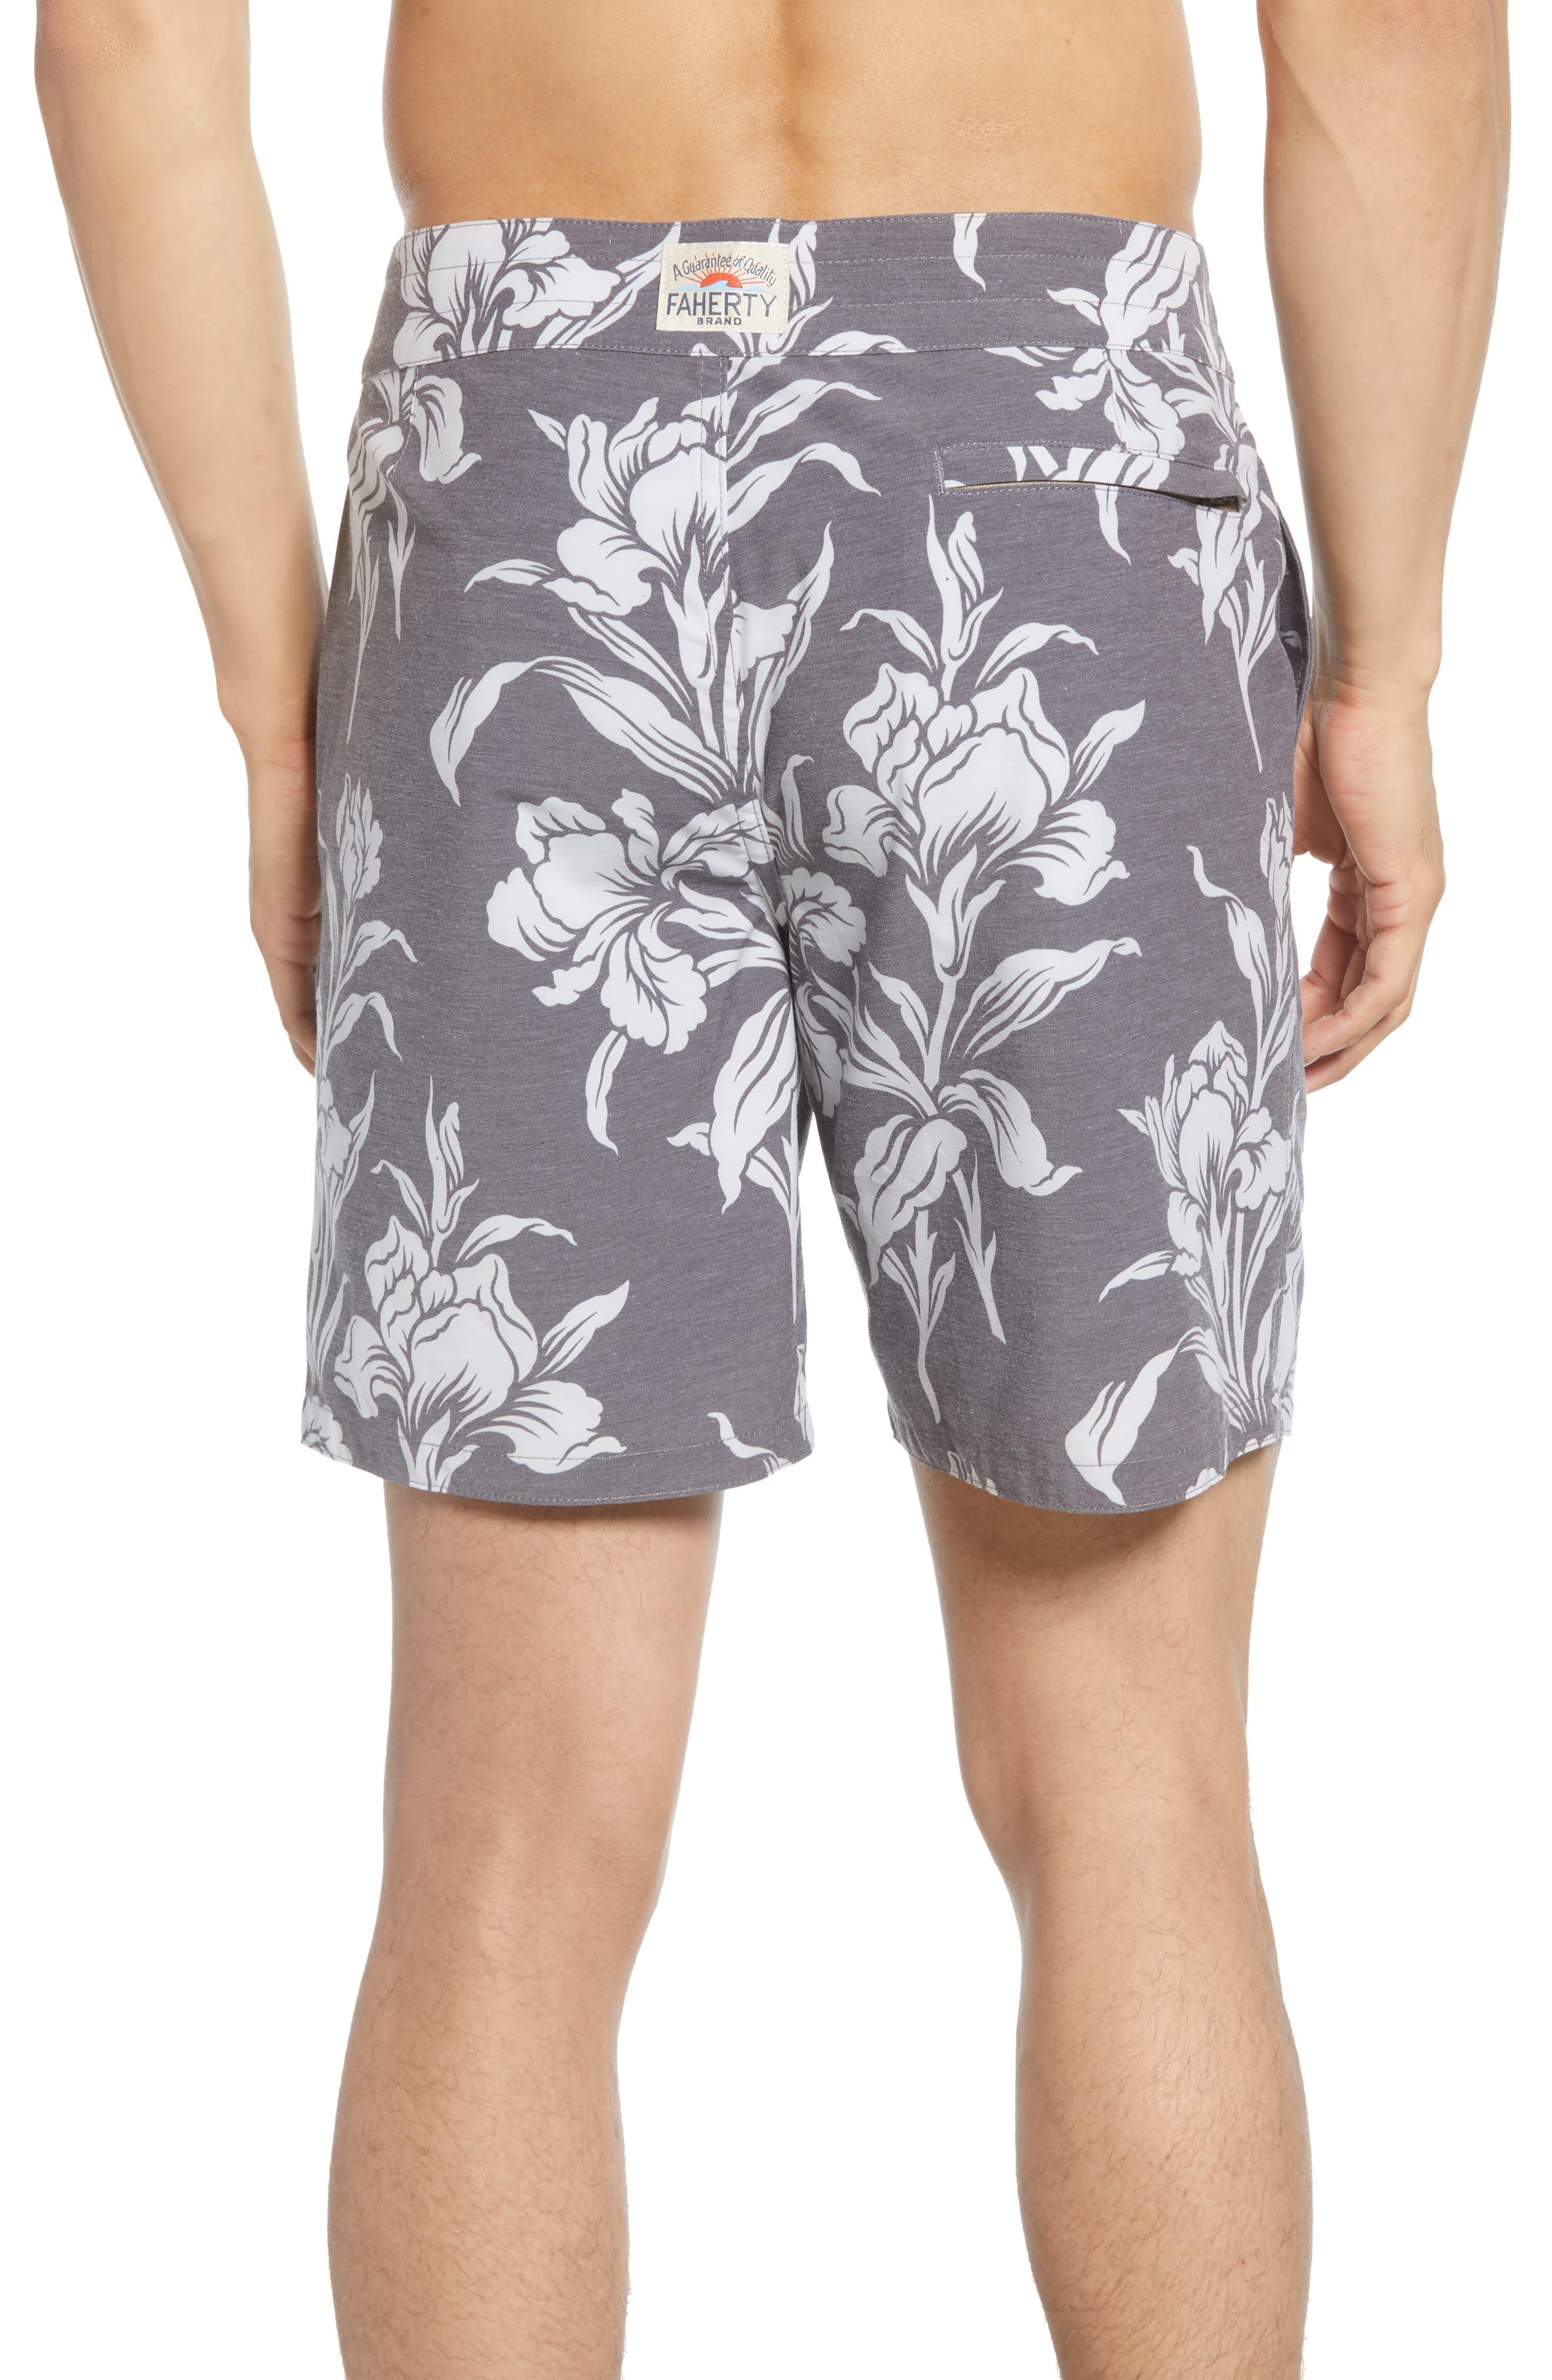 7a84576b1a Men's Faherty Swimwear, Boardshorts & Swim Trunks | Nordstrom